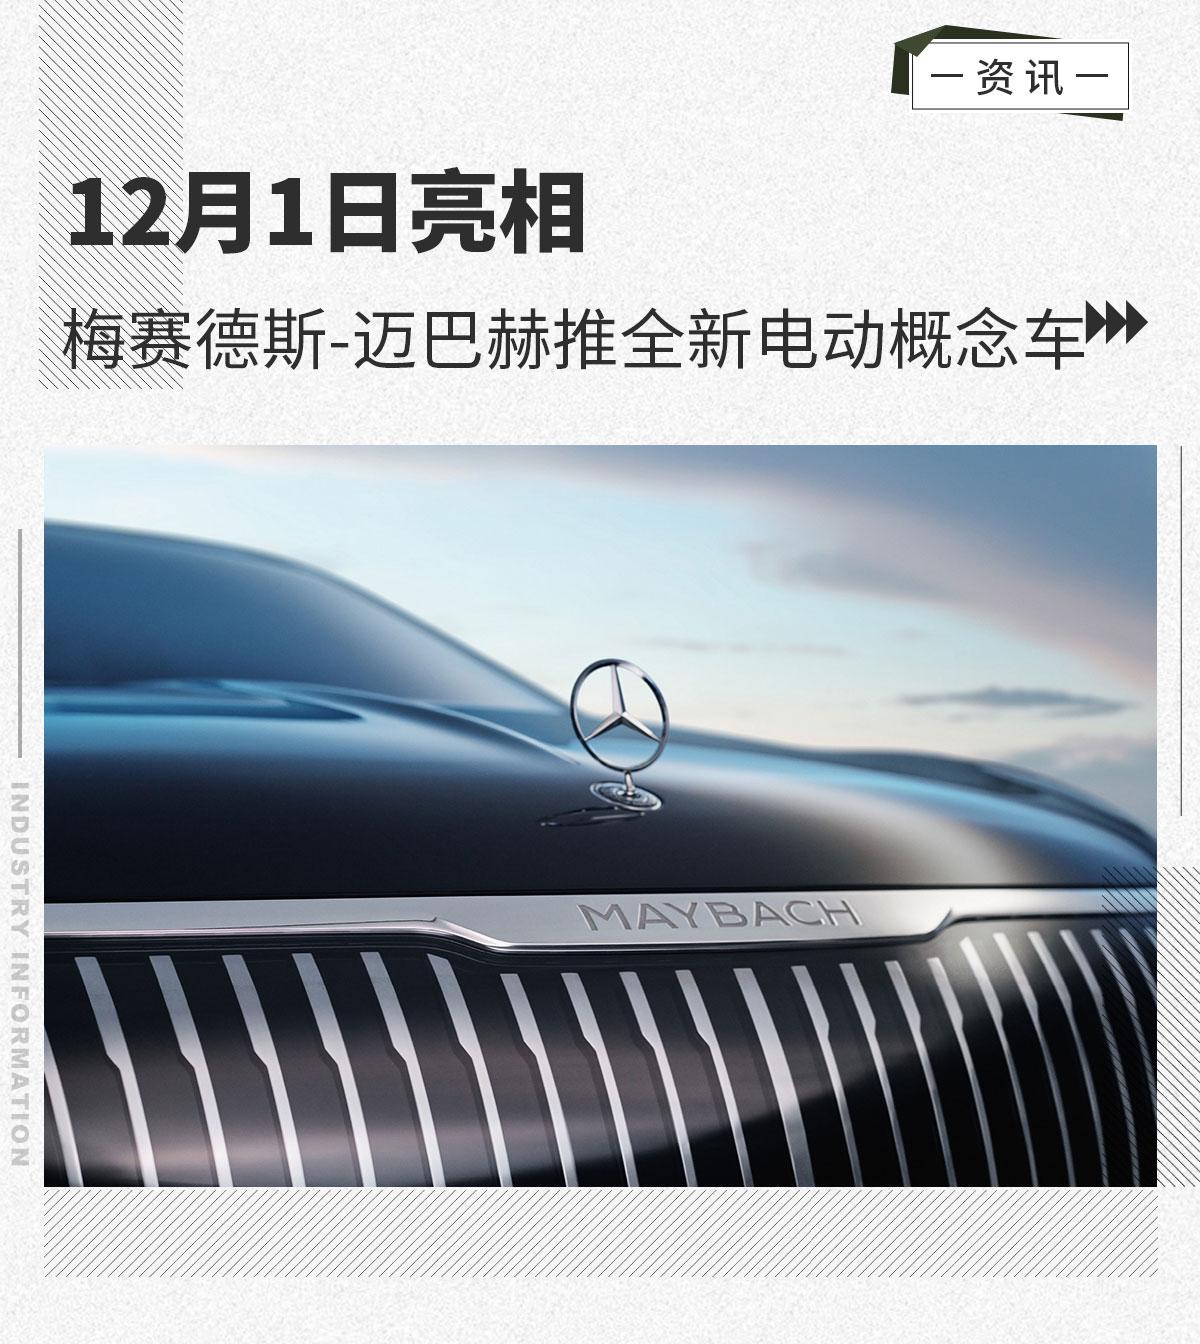 12月1日亮相 梅赛德斯-迈巴赫推全新电动概念车